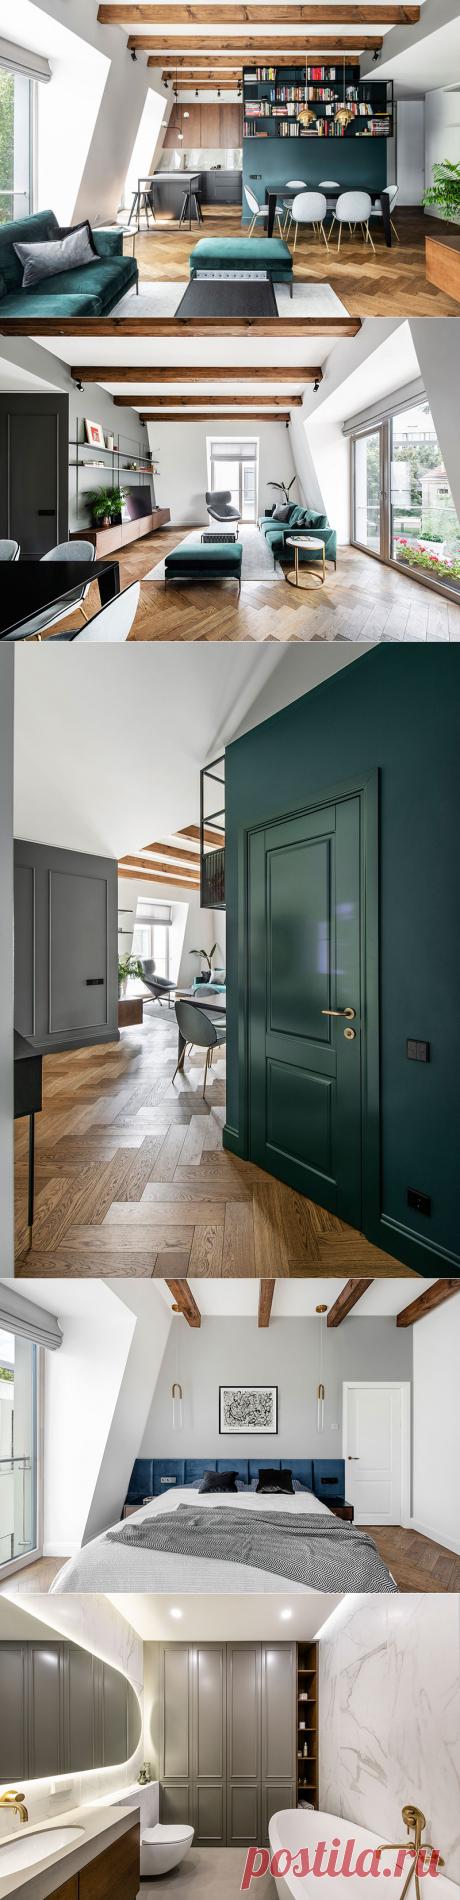 〚 Cтильная мансардная квартира с балками для молодой пары в Вильнюсе 〛 ◾ Фото ◾Идеи◾ Дизайн